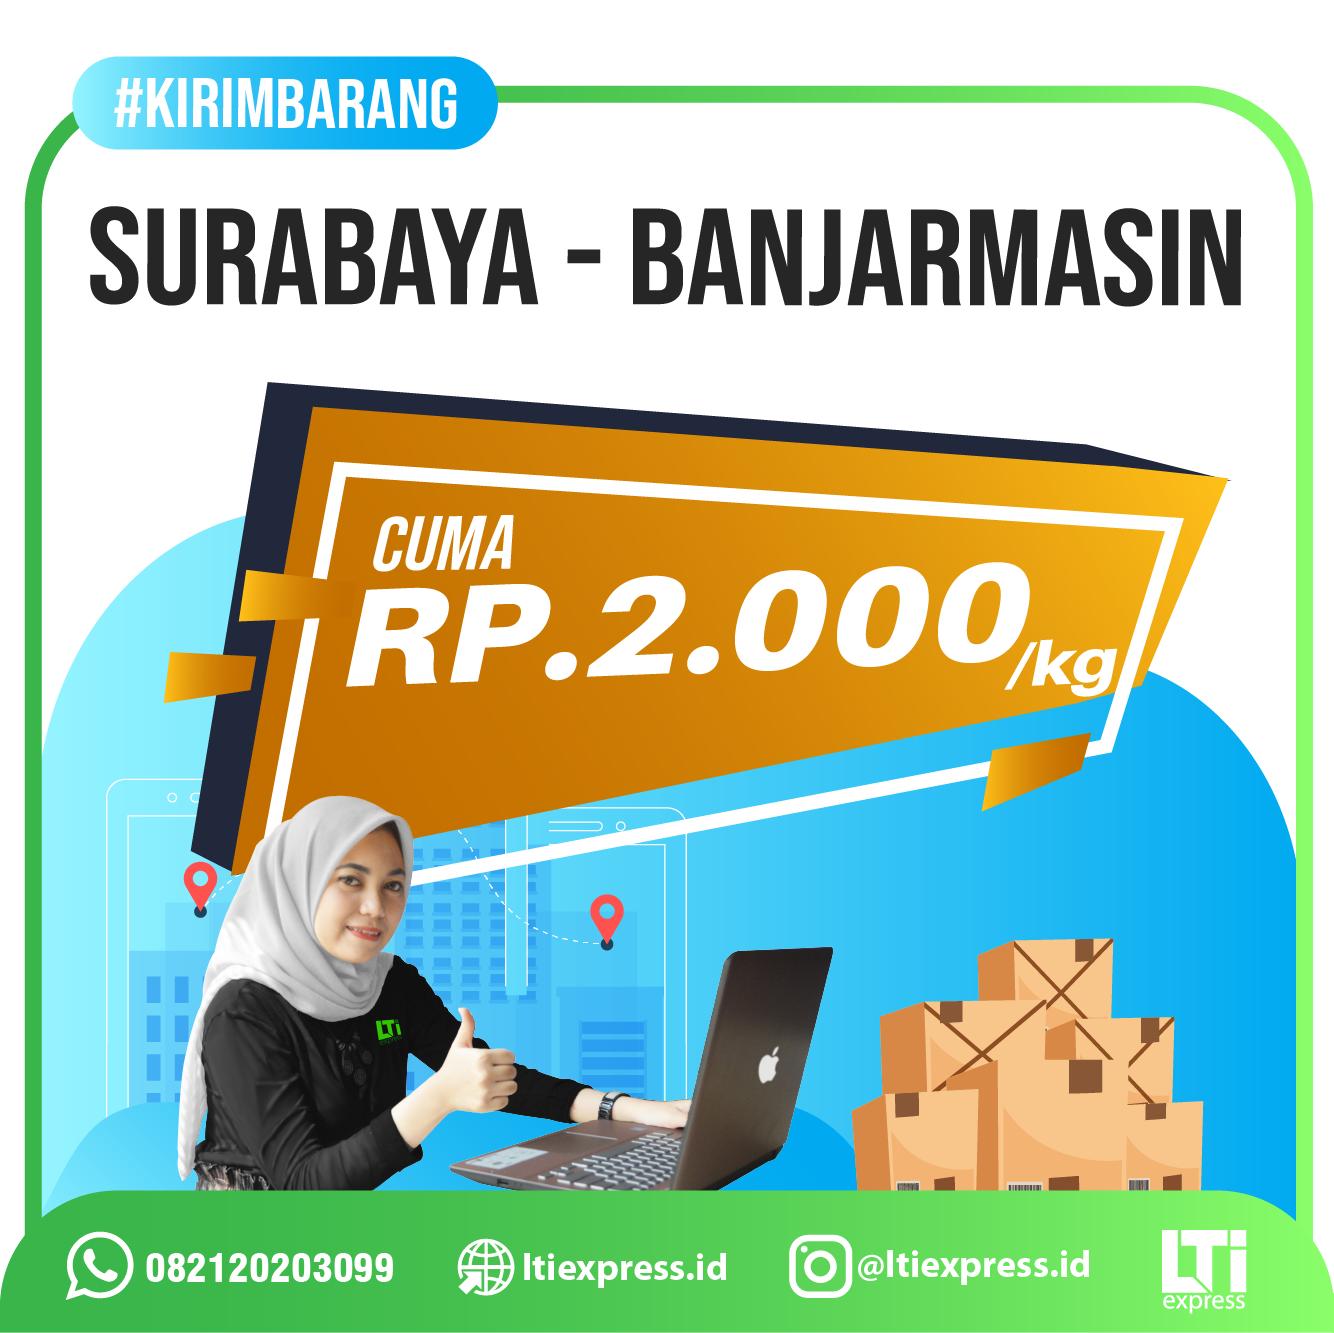 Ekspedisi Surabaya Banjarmasin murah